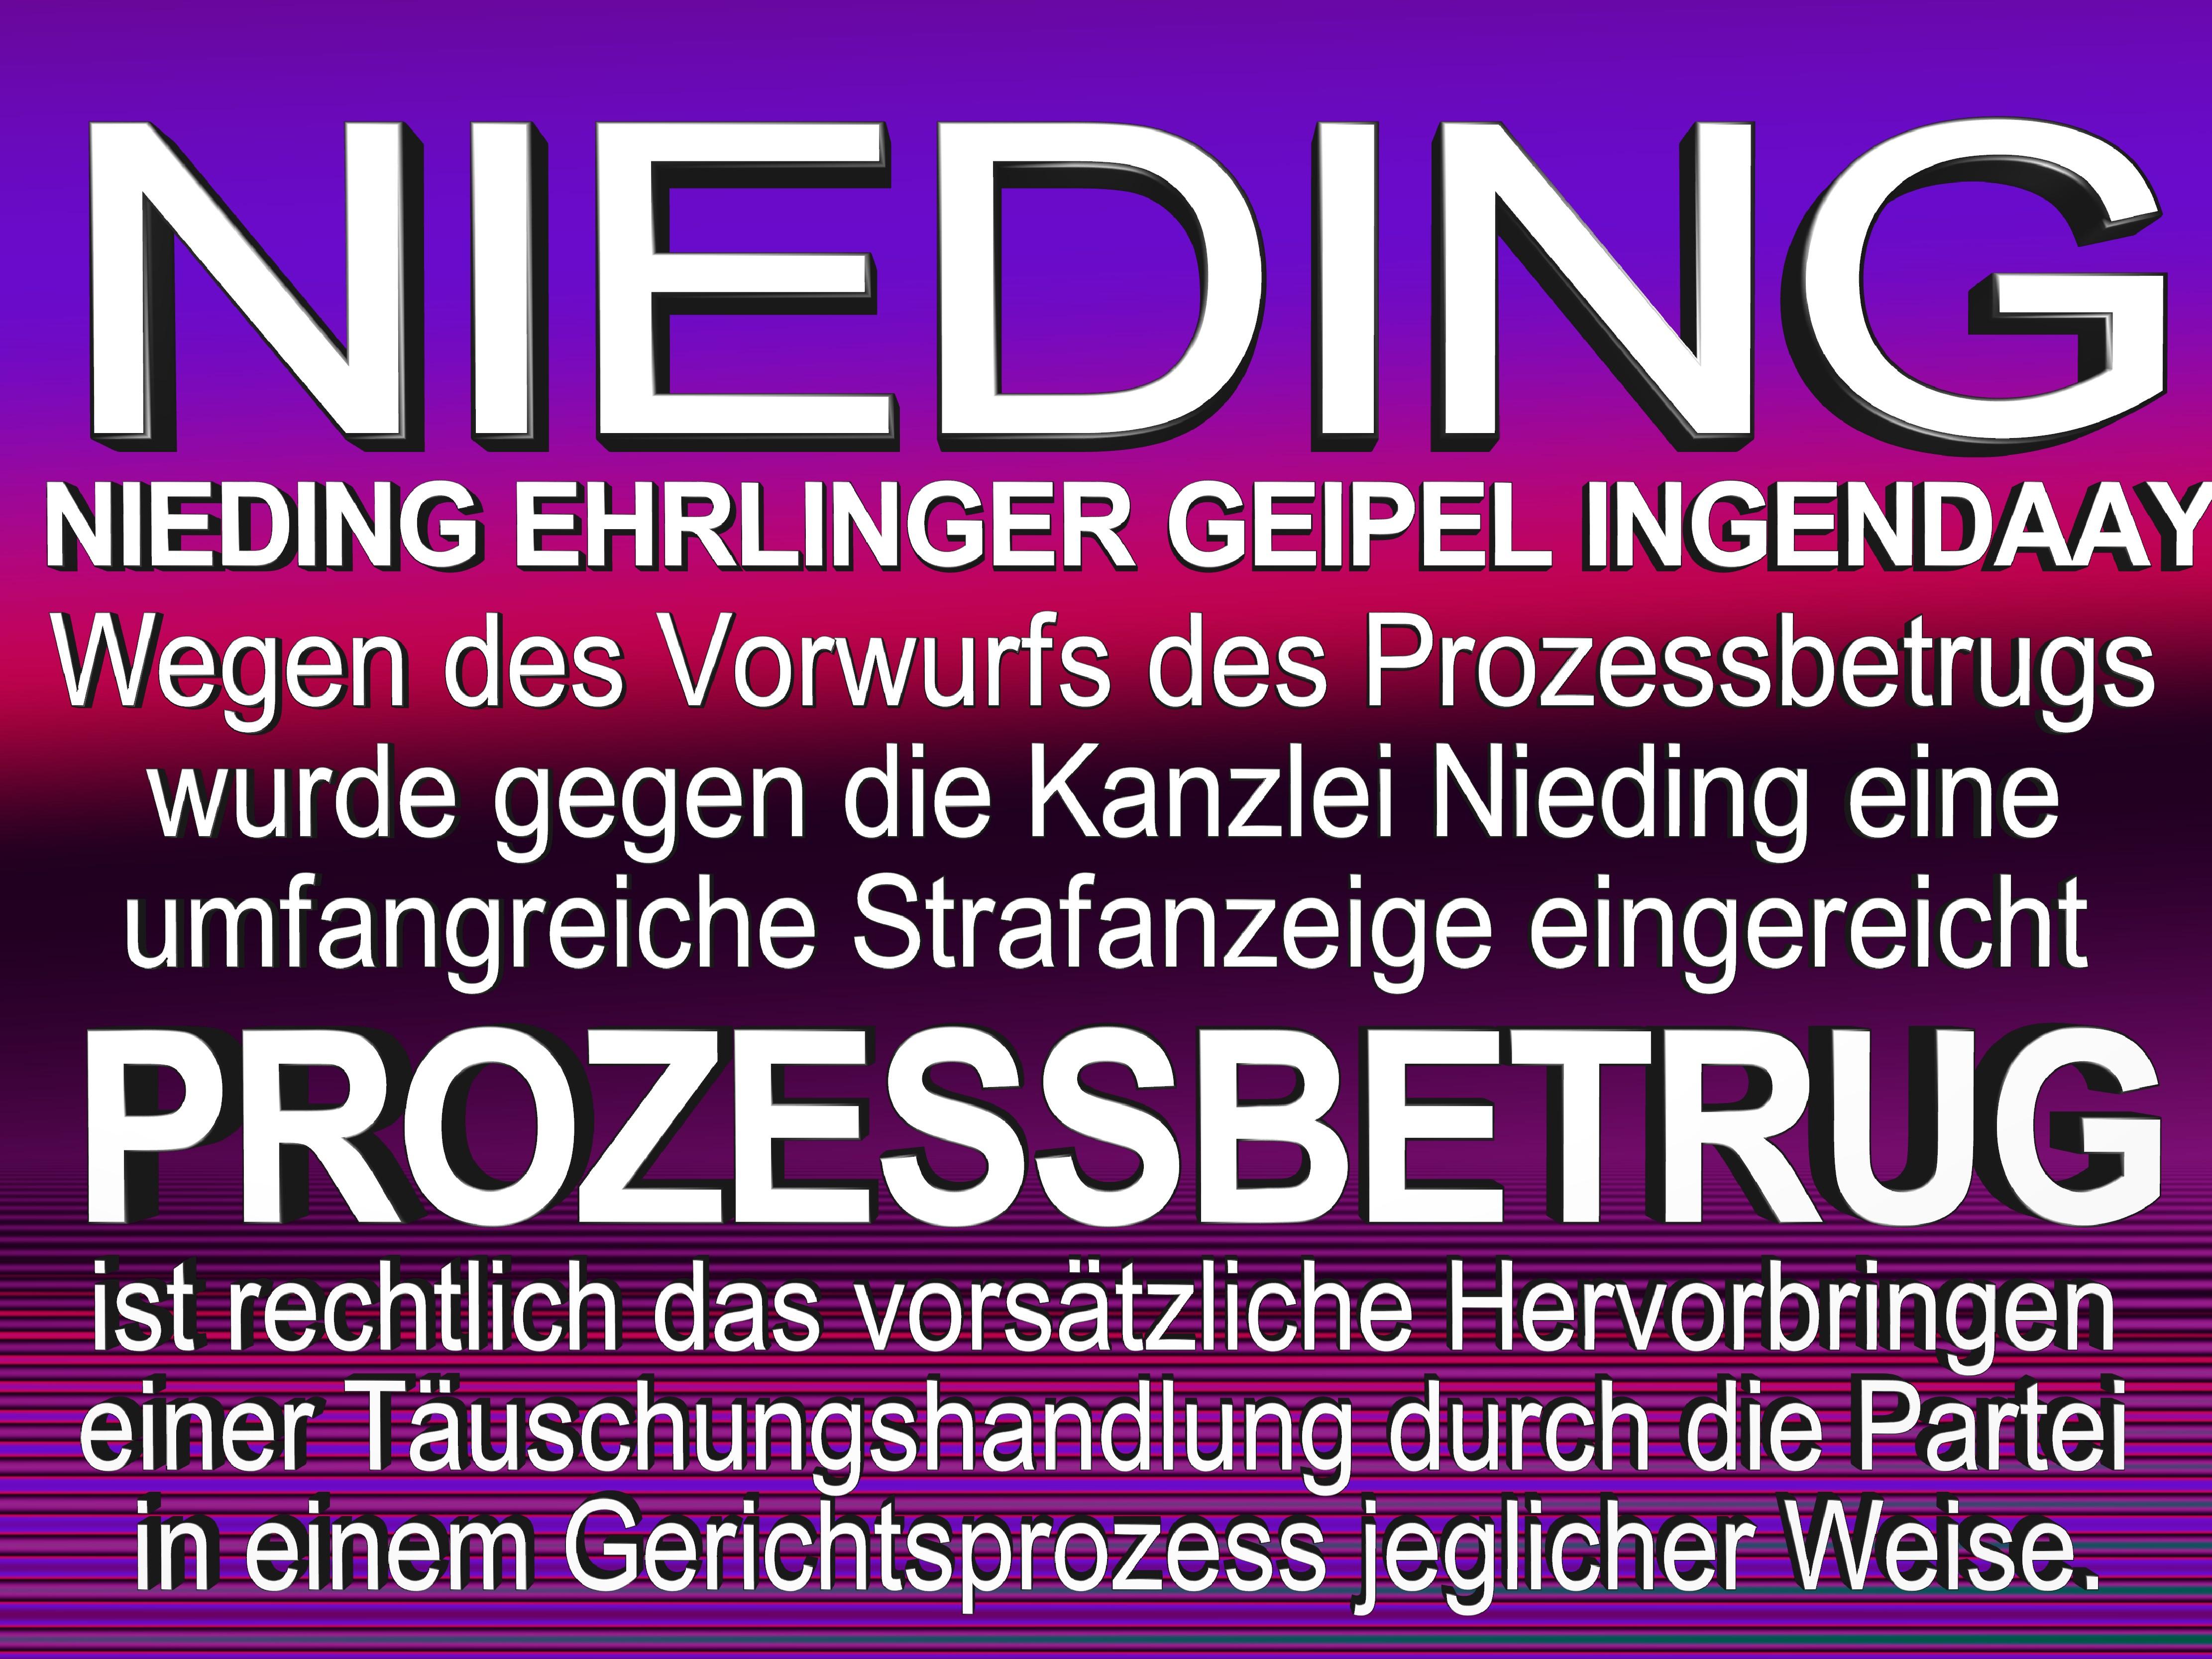 NIEDING EHRLINGER GEIPEL INGENDAAY LELKE Kurfürstendamm 66 Berlin (11)